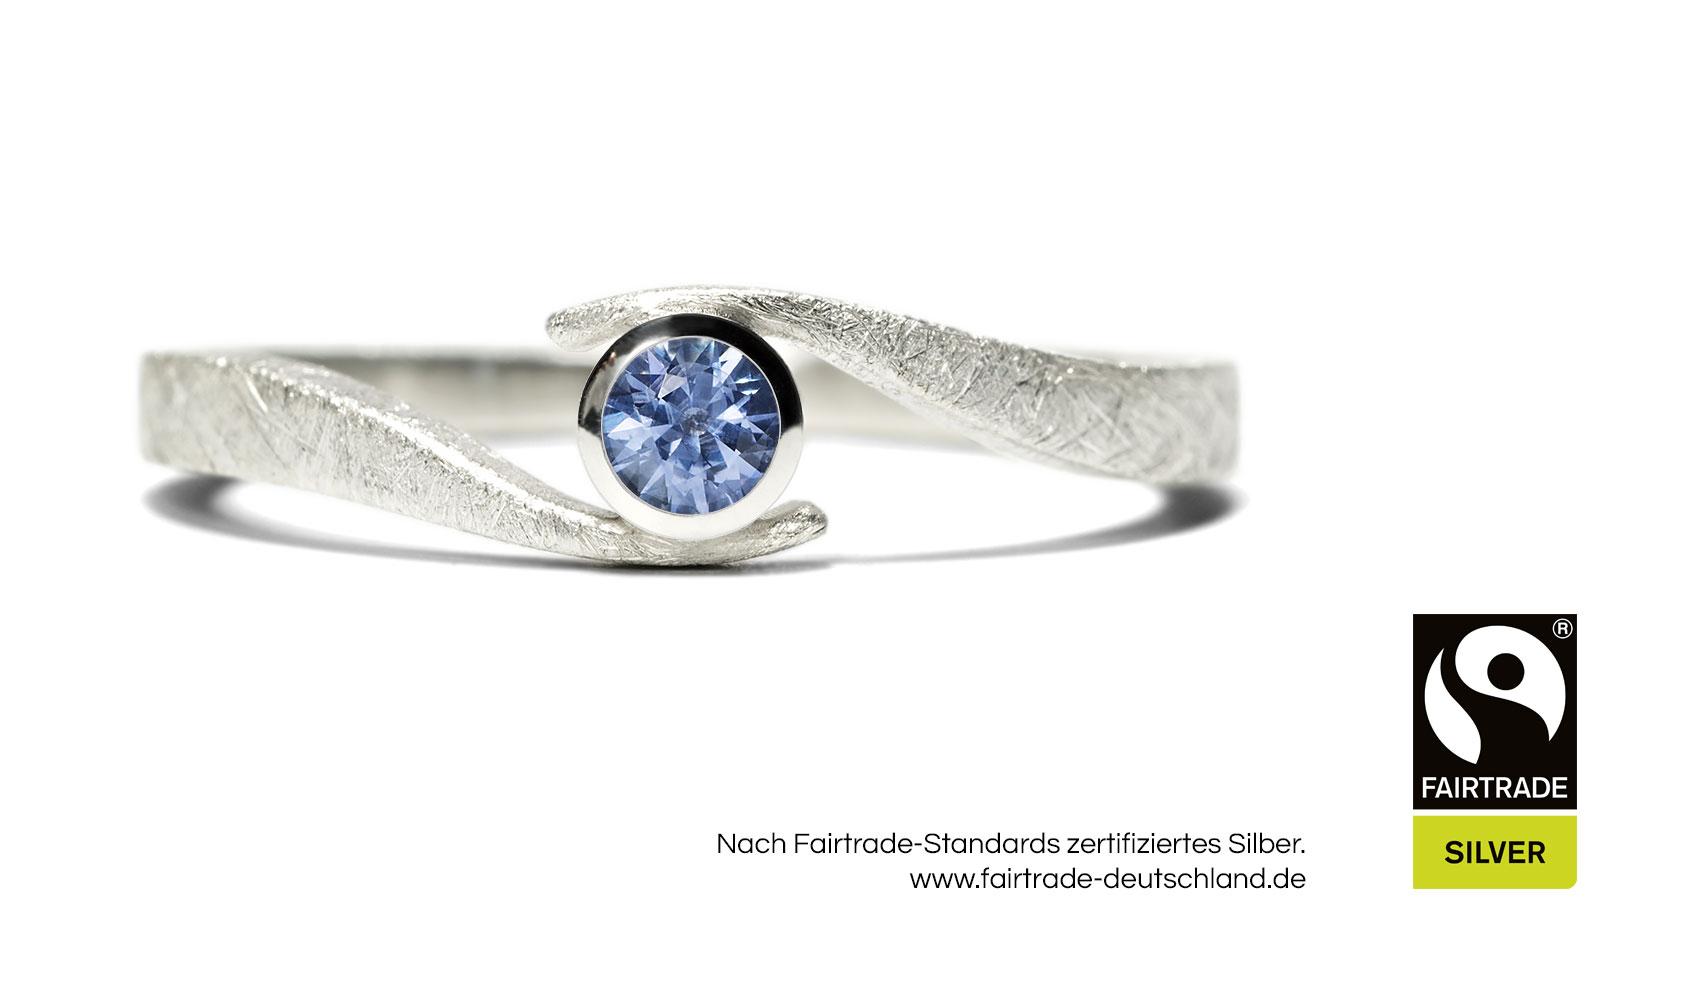 """GOLDAFFAIRS - Verlobungsring """"wave"""" aus FAIRTRADE Silber mit blauem Saphir"""